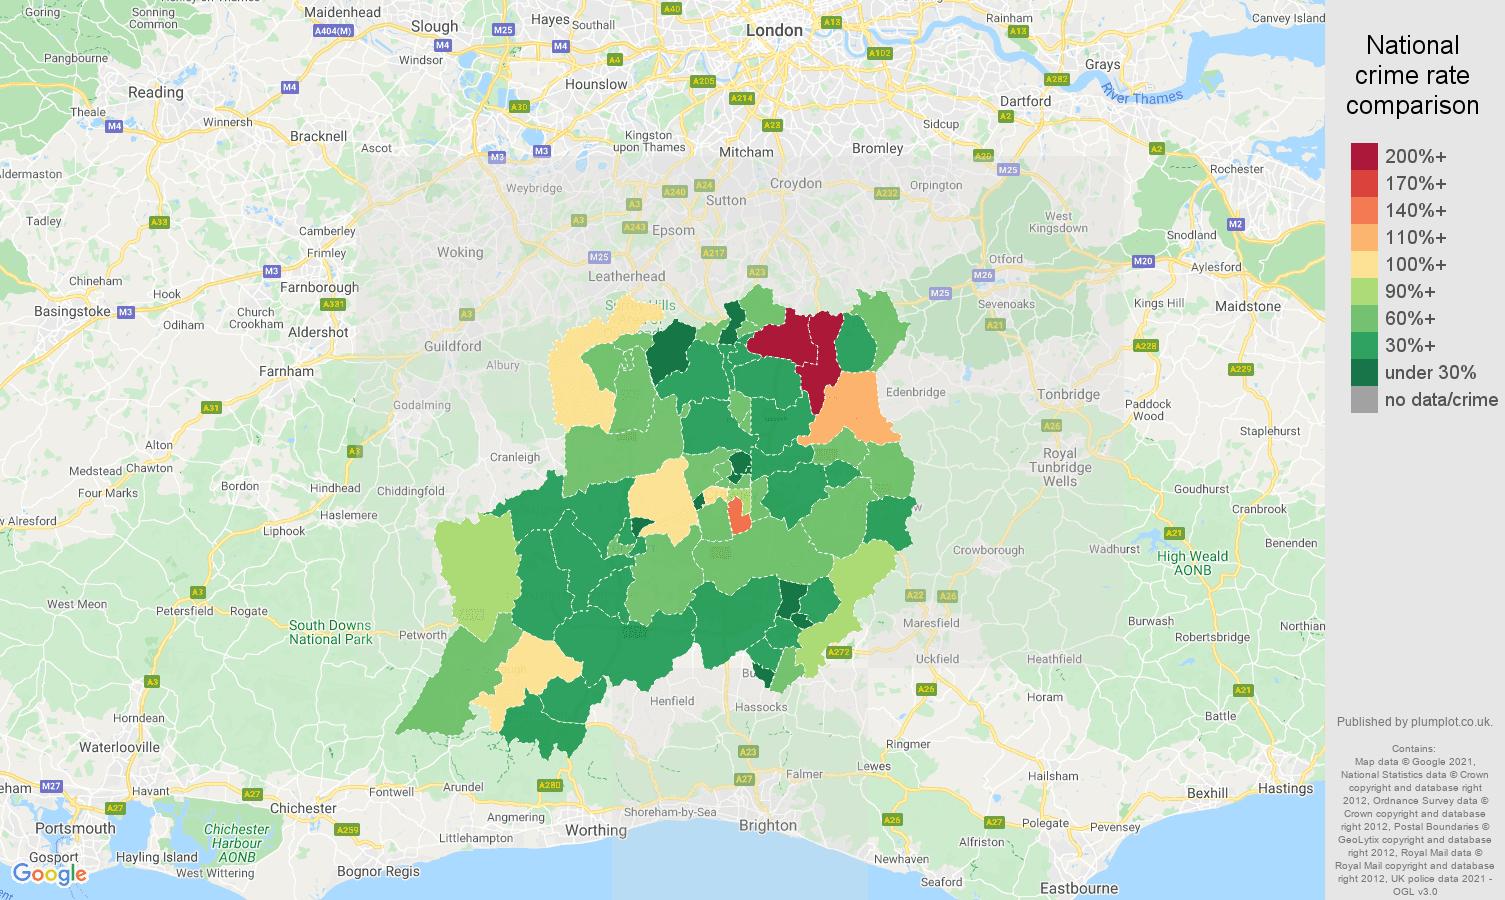 Redhill burglary crime rate comparison map